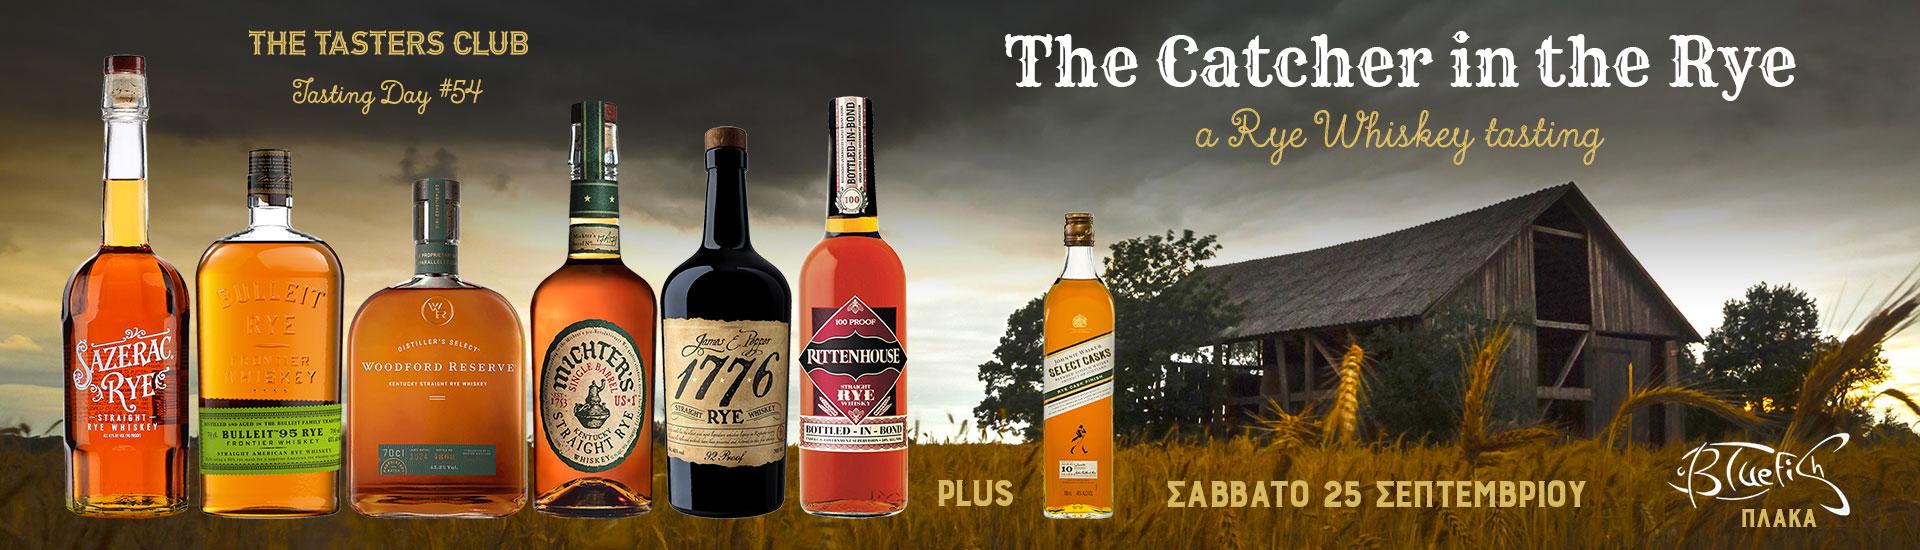 The Tasters Club rye whiskey tasting